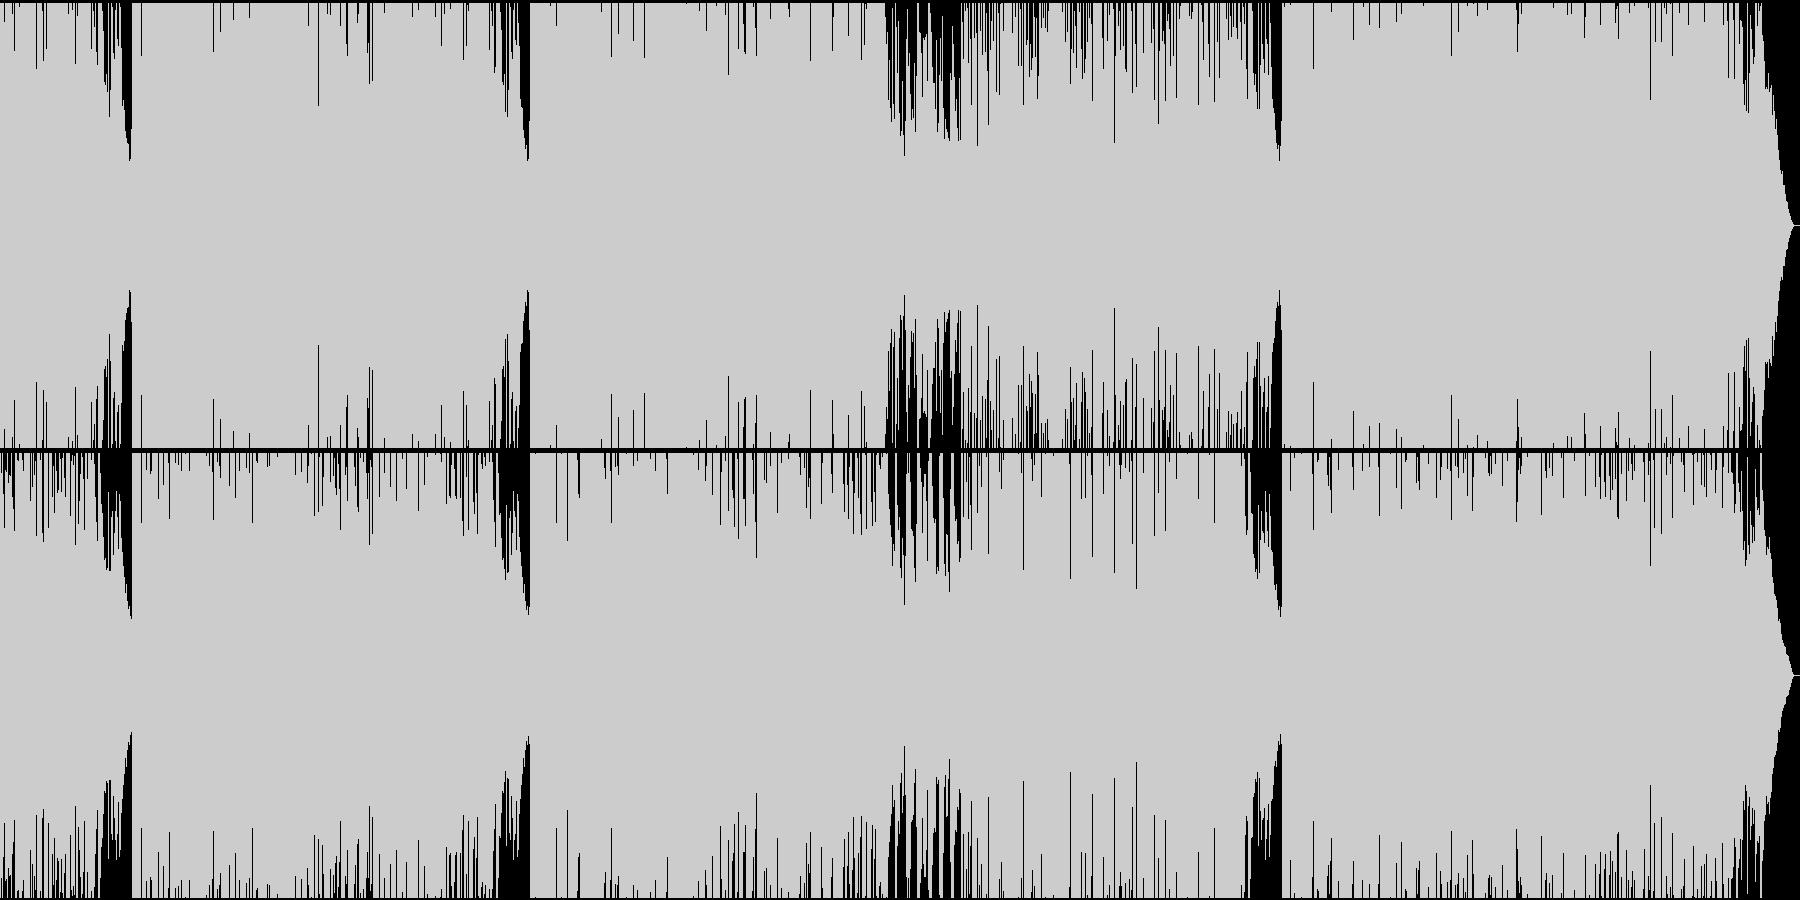 清々しい早めのボサノバ ボーカル入り02の未再生の波形